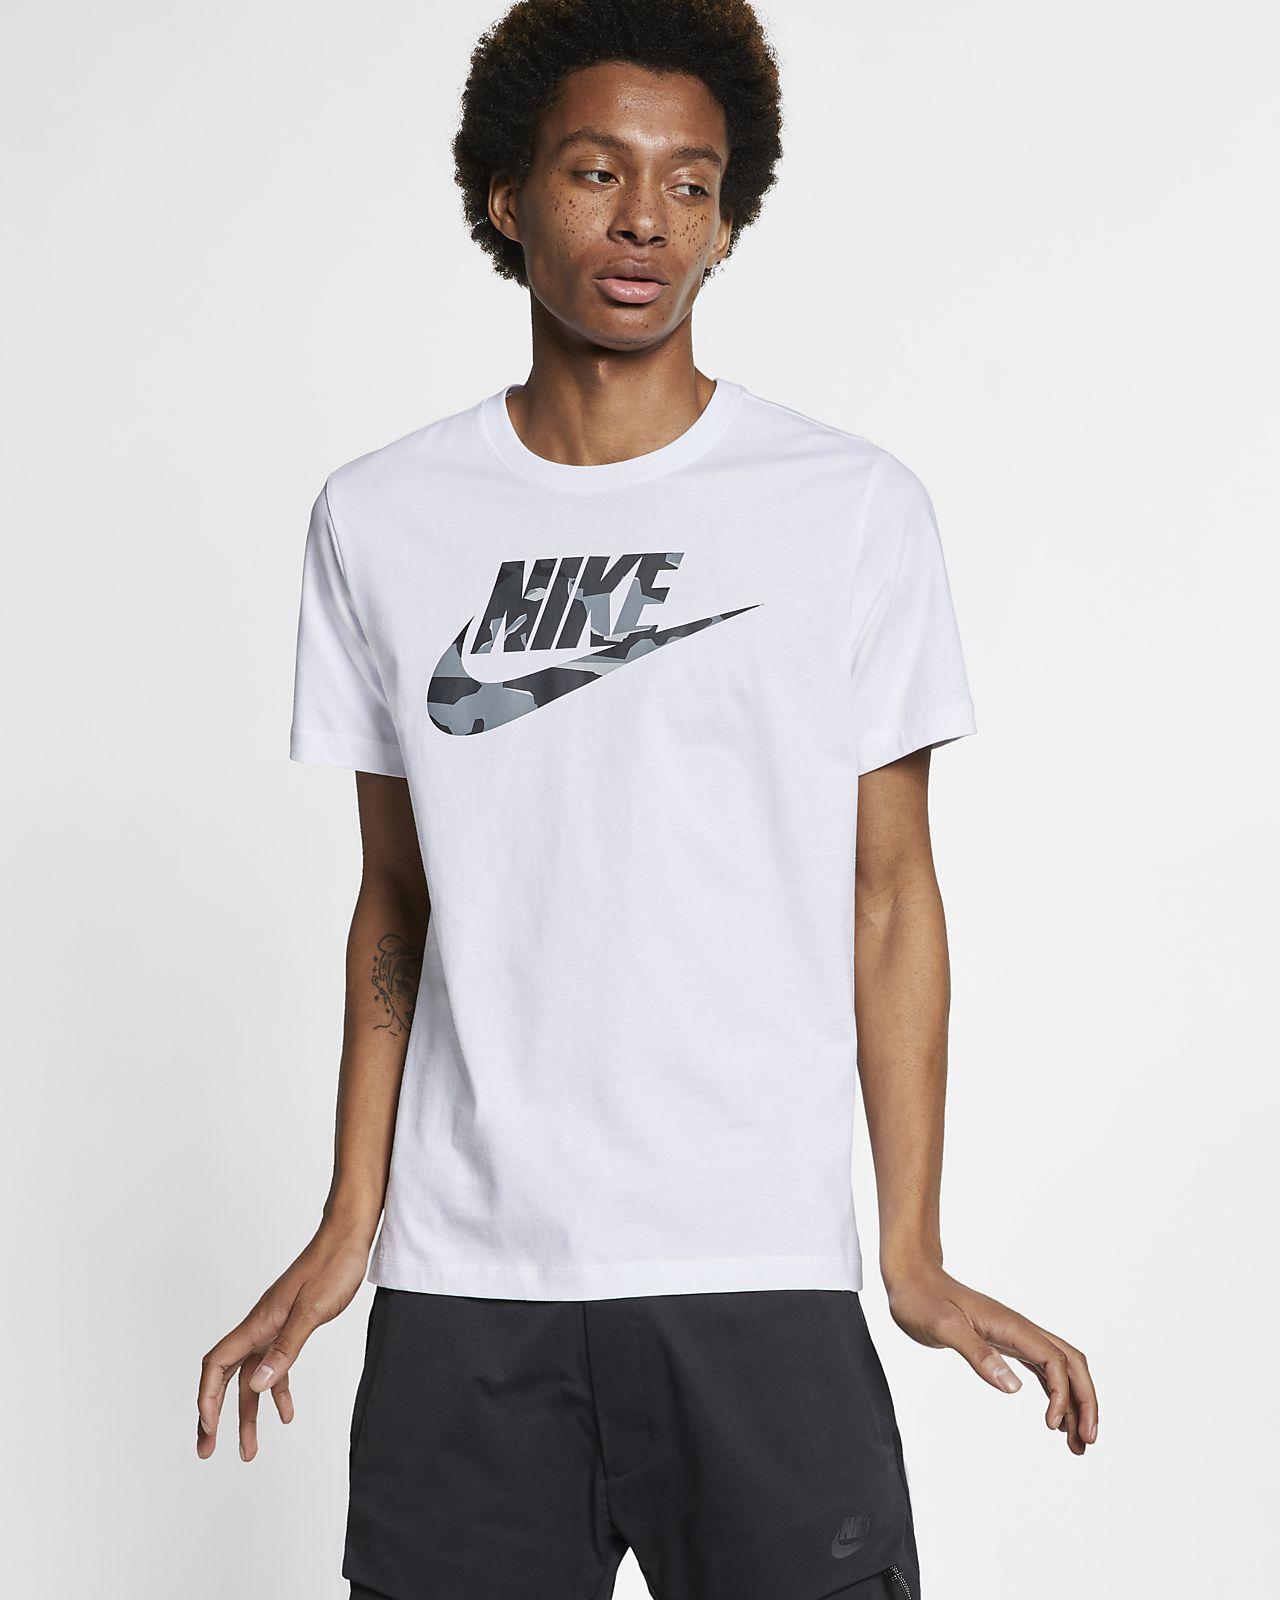 เสื้อยืดผู้ชายลายพราง Nike Sportswear